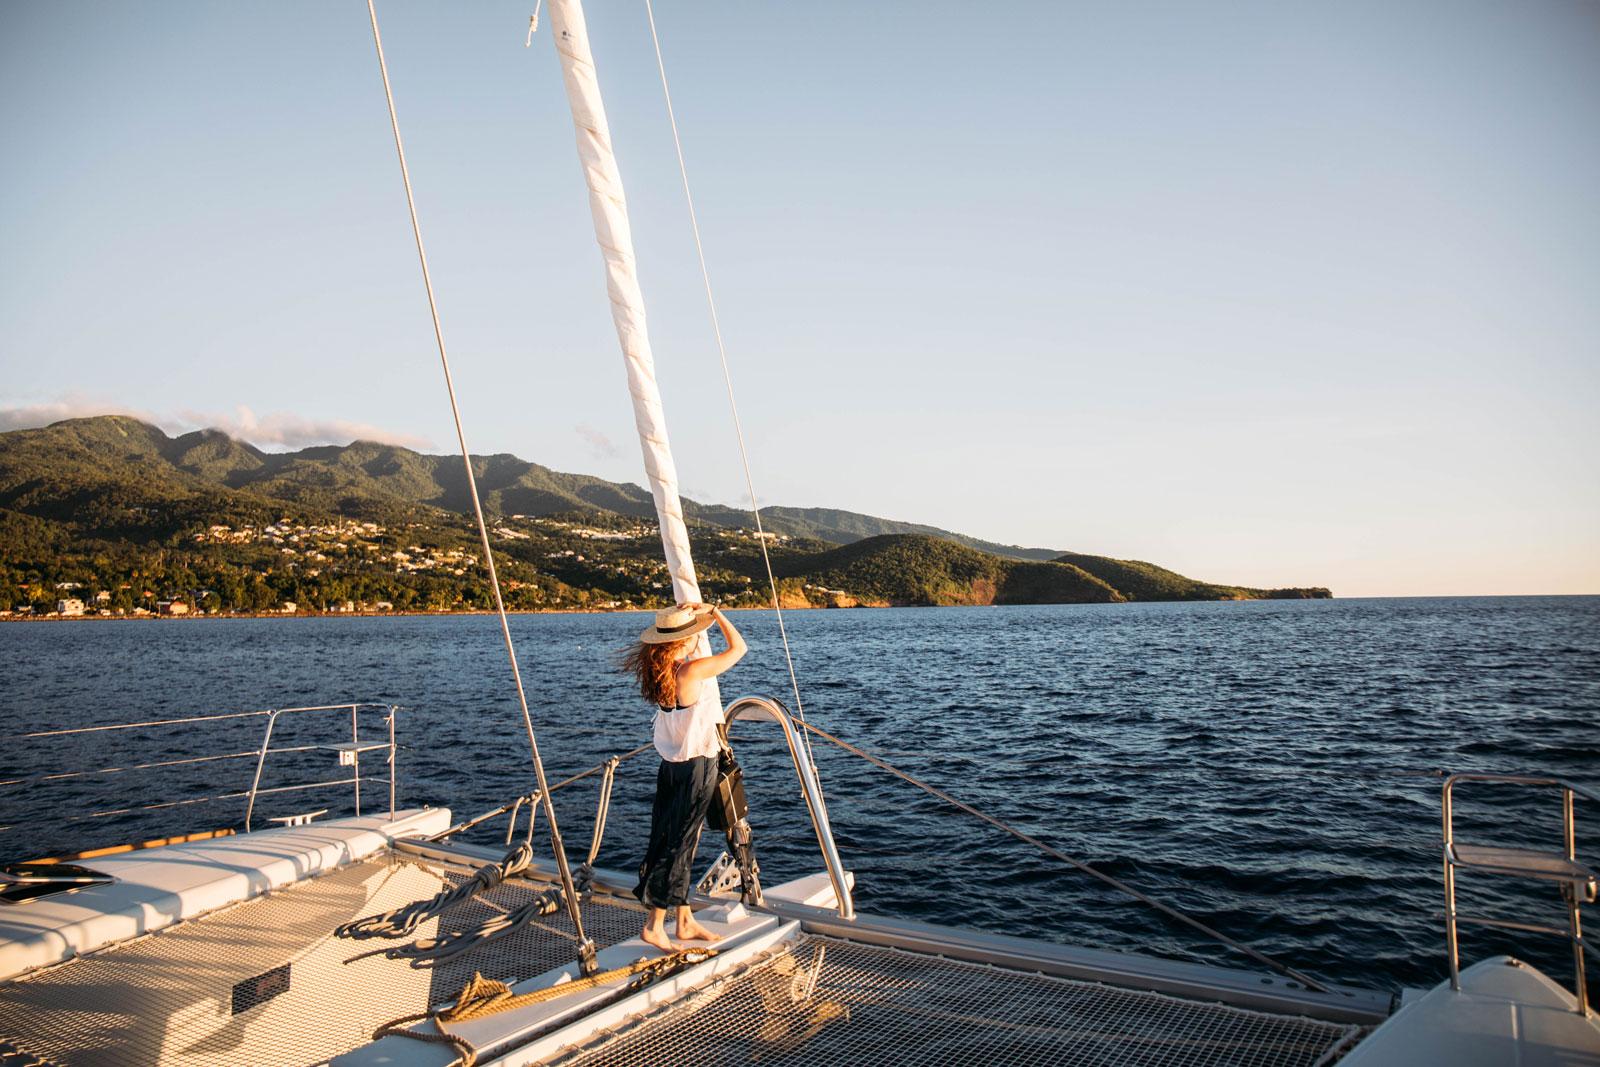 faire une croisière catamaran caraibes tout compris